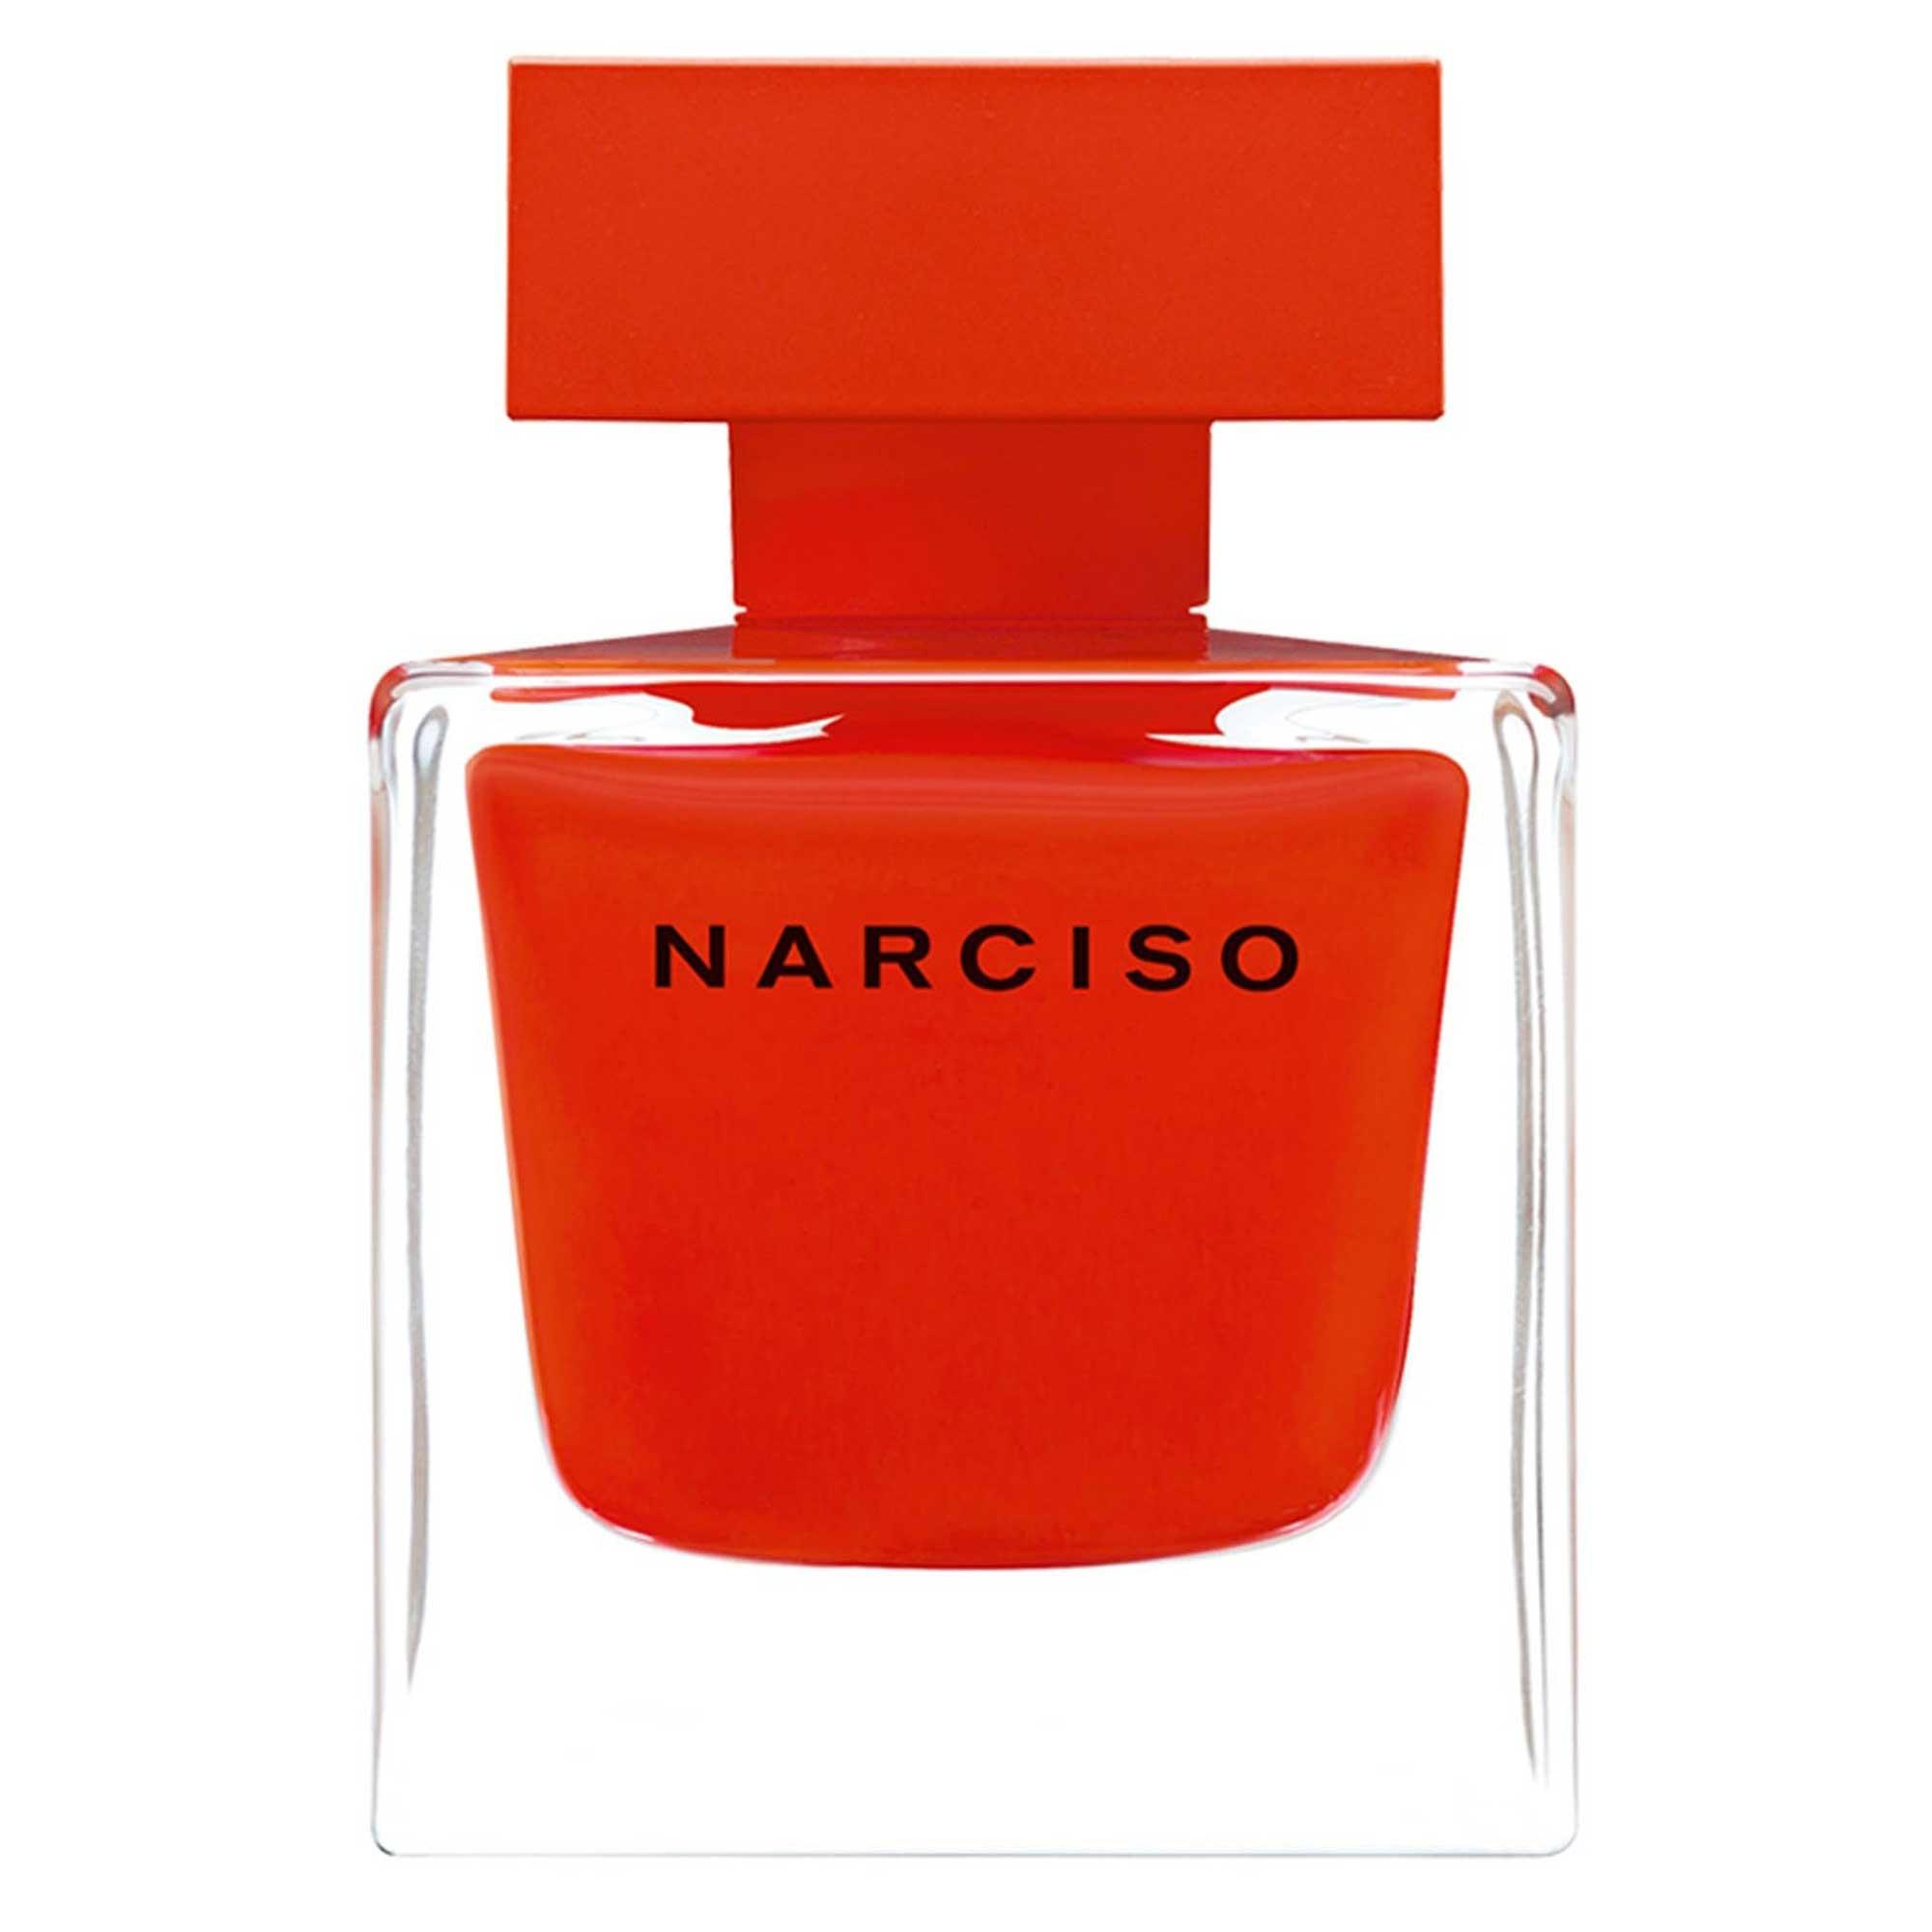 ادو پرفیوم زنانه نارسیسو رودریگز مدل Narciso Rouge حجم 50 میلی لیتر